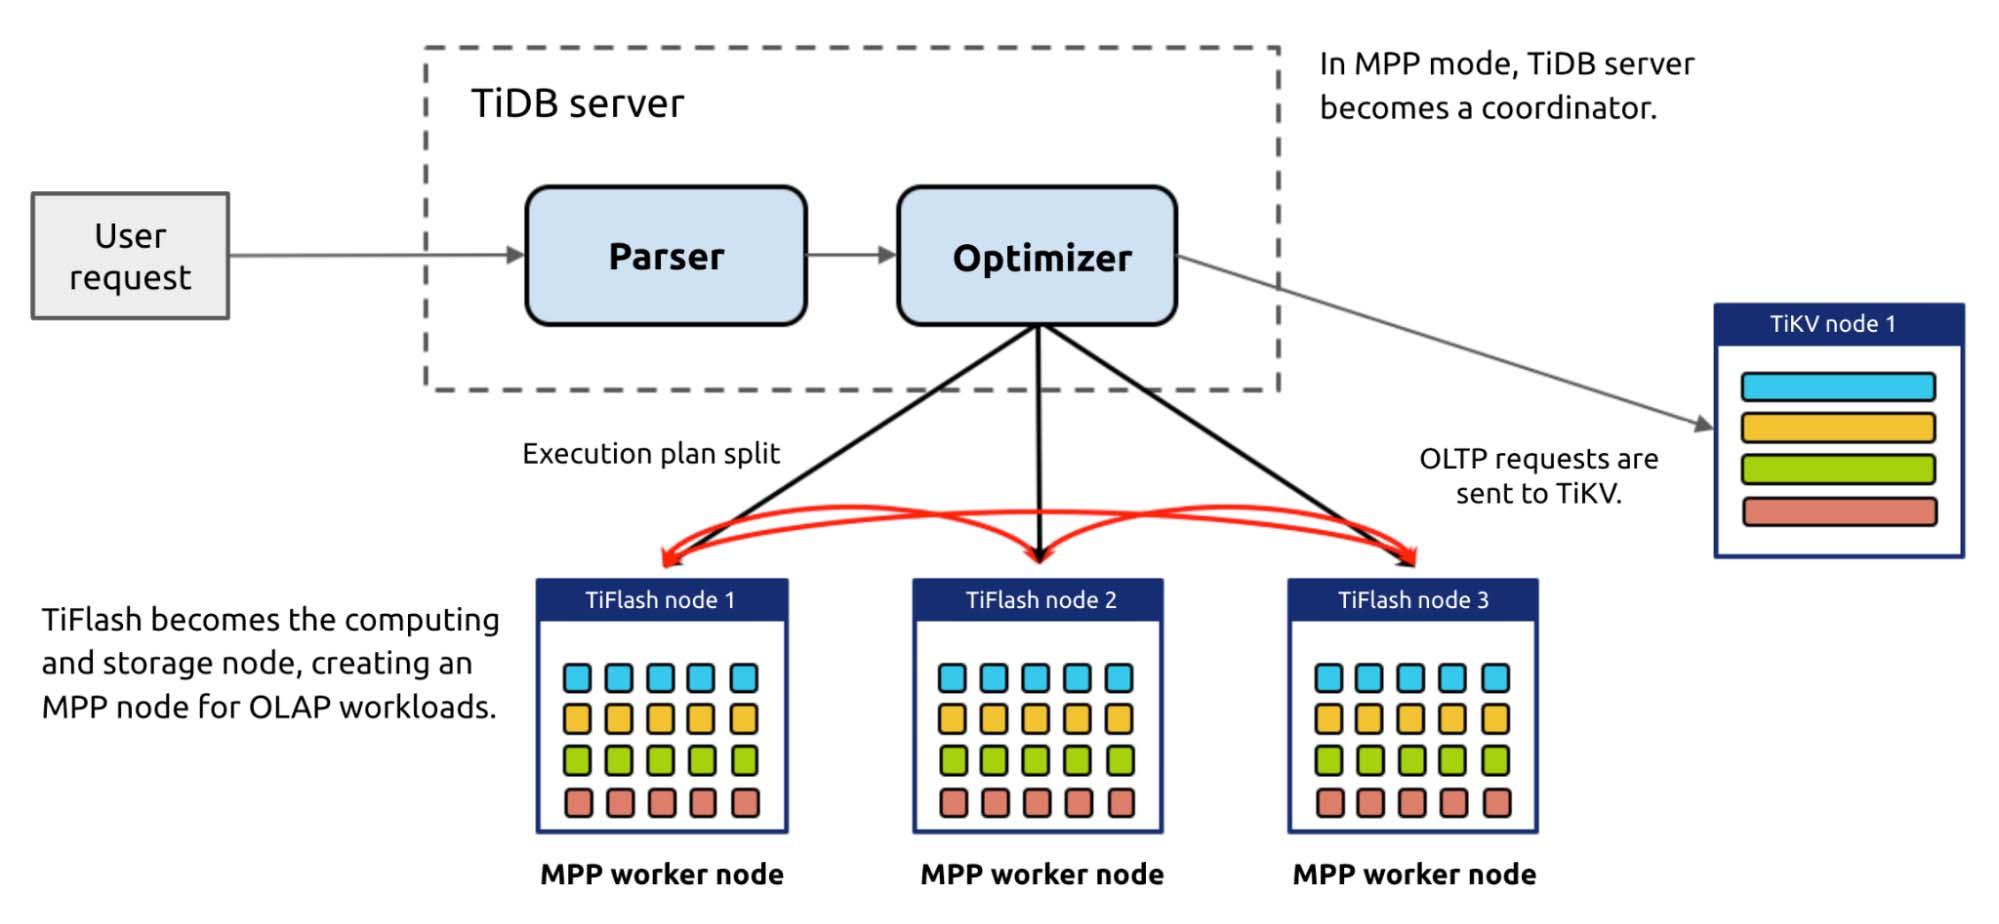 TiDB's MPP mode